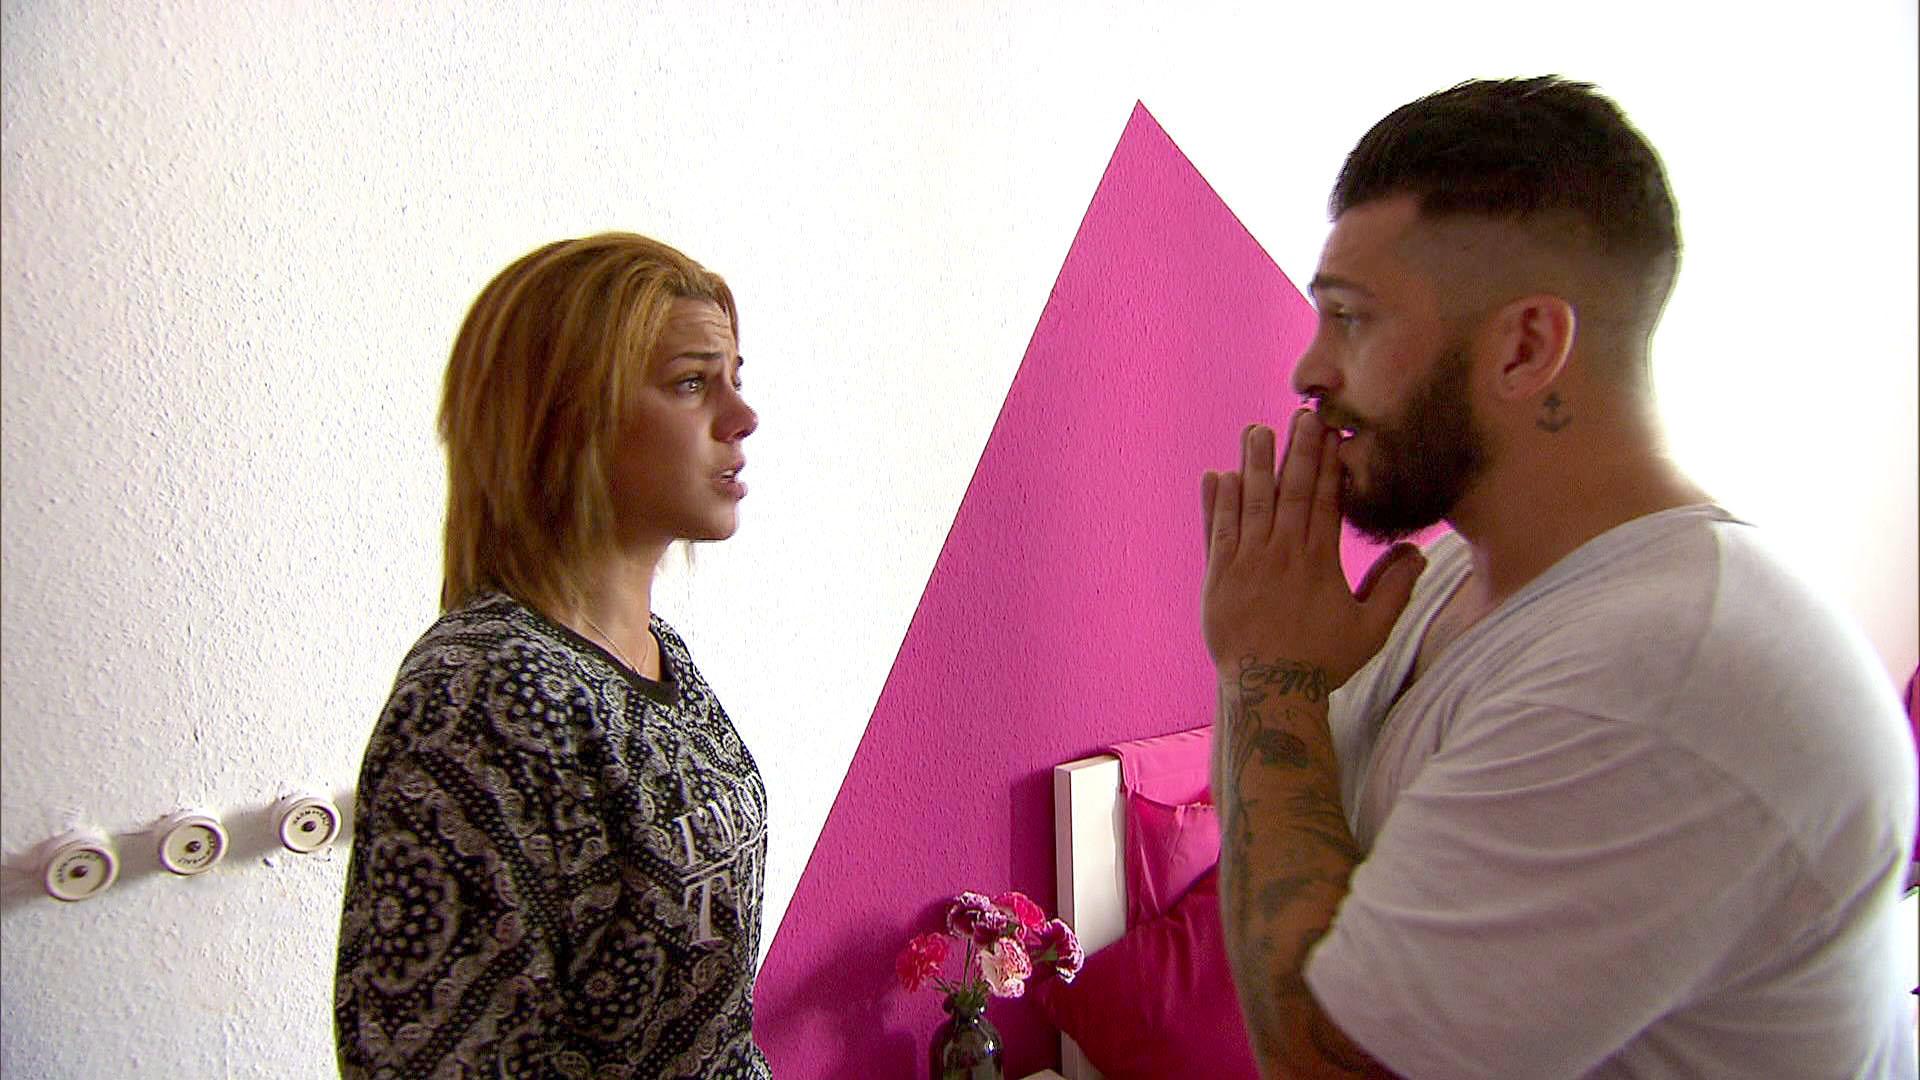 Als Sophia (li.) und Sam die WG betreten, erwischen sie Bruno (re.) bei einem Diebstahlversuch. (Quelle: RTL 2)